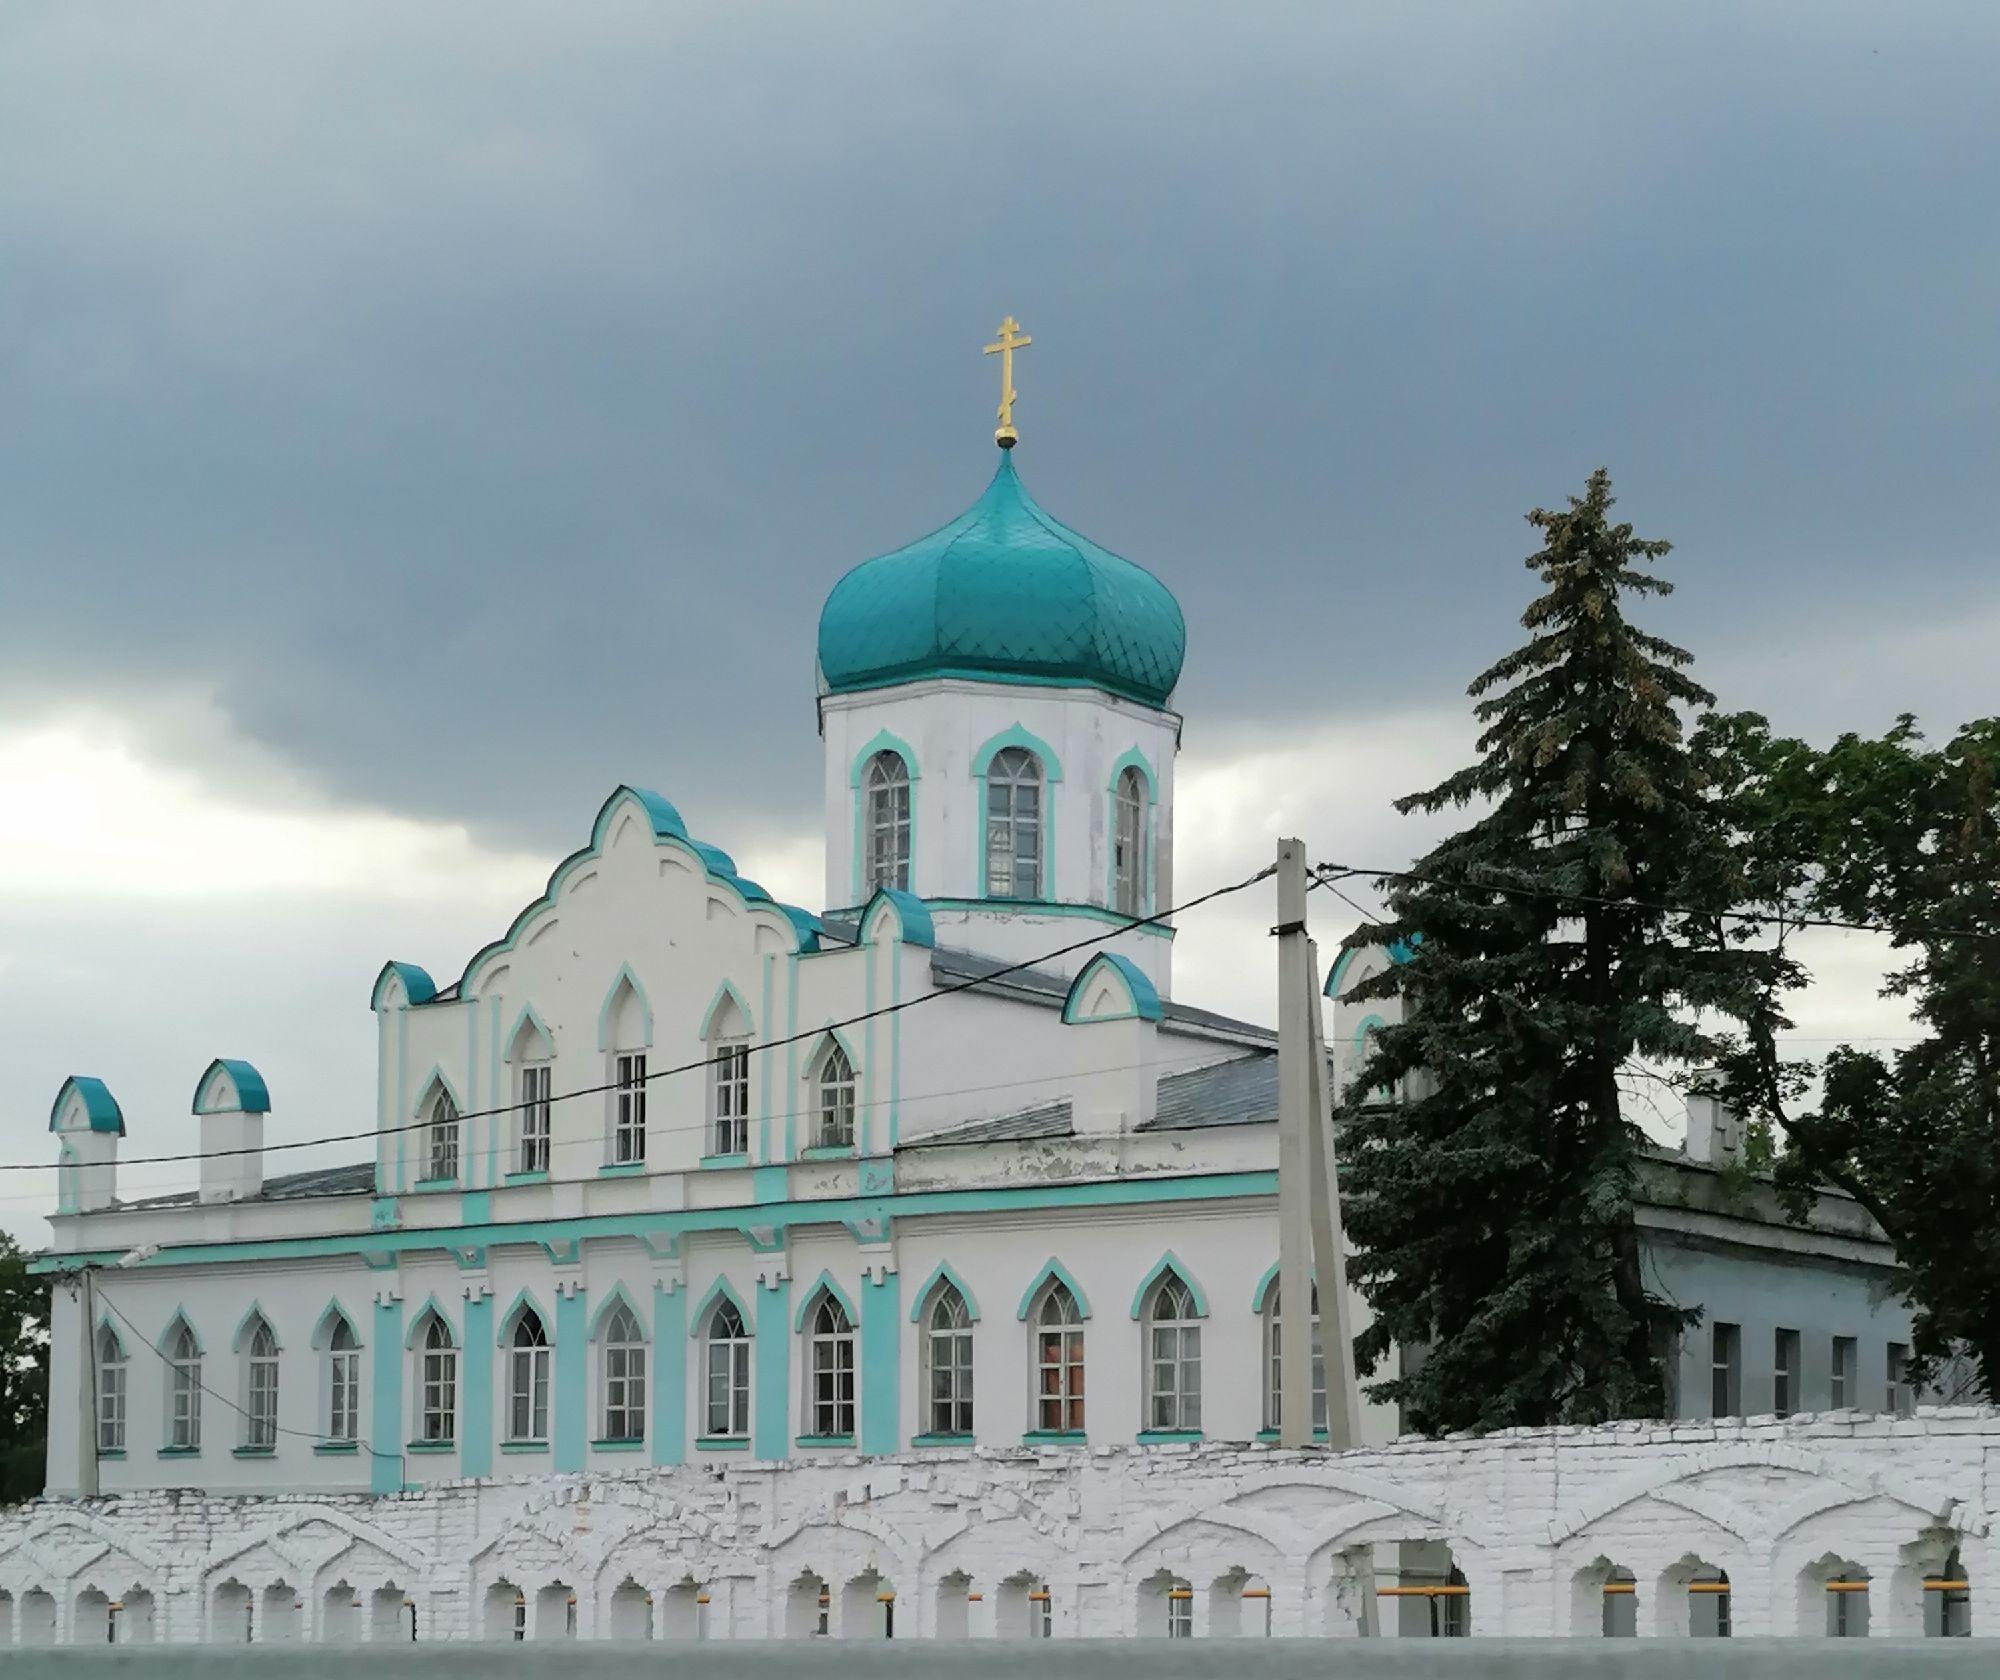 Церковь Иоанна Богослова в с. Конь-Колодезь Липецкой обл